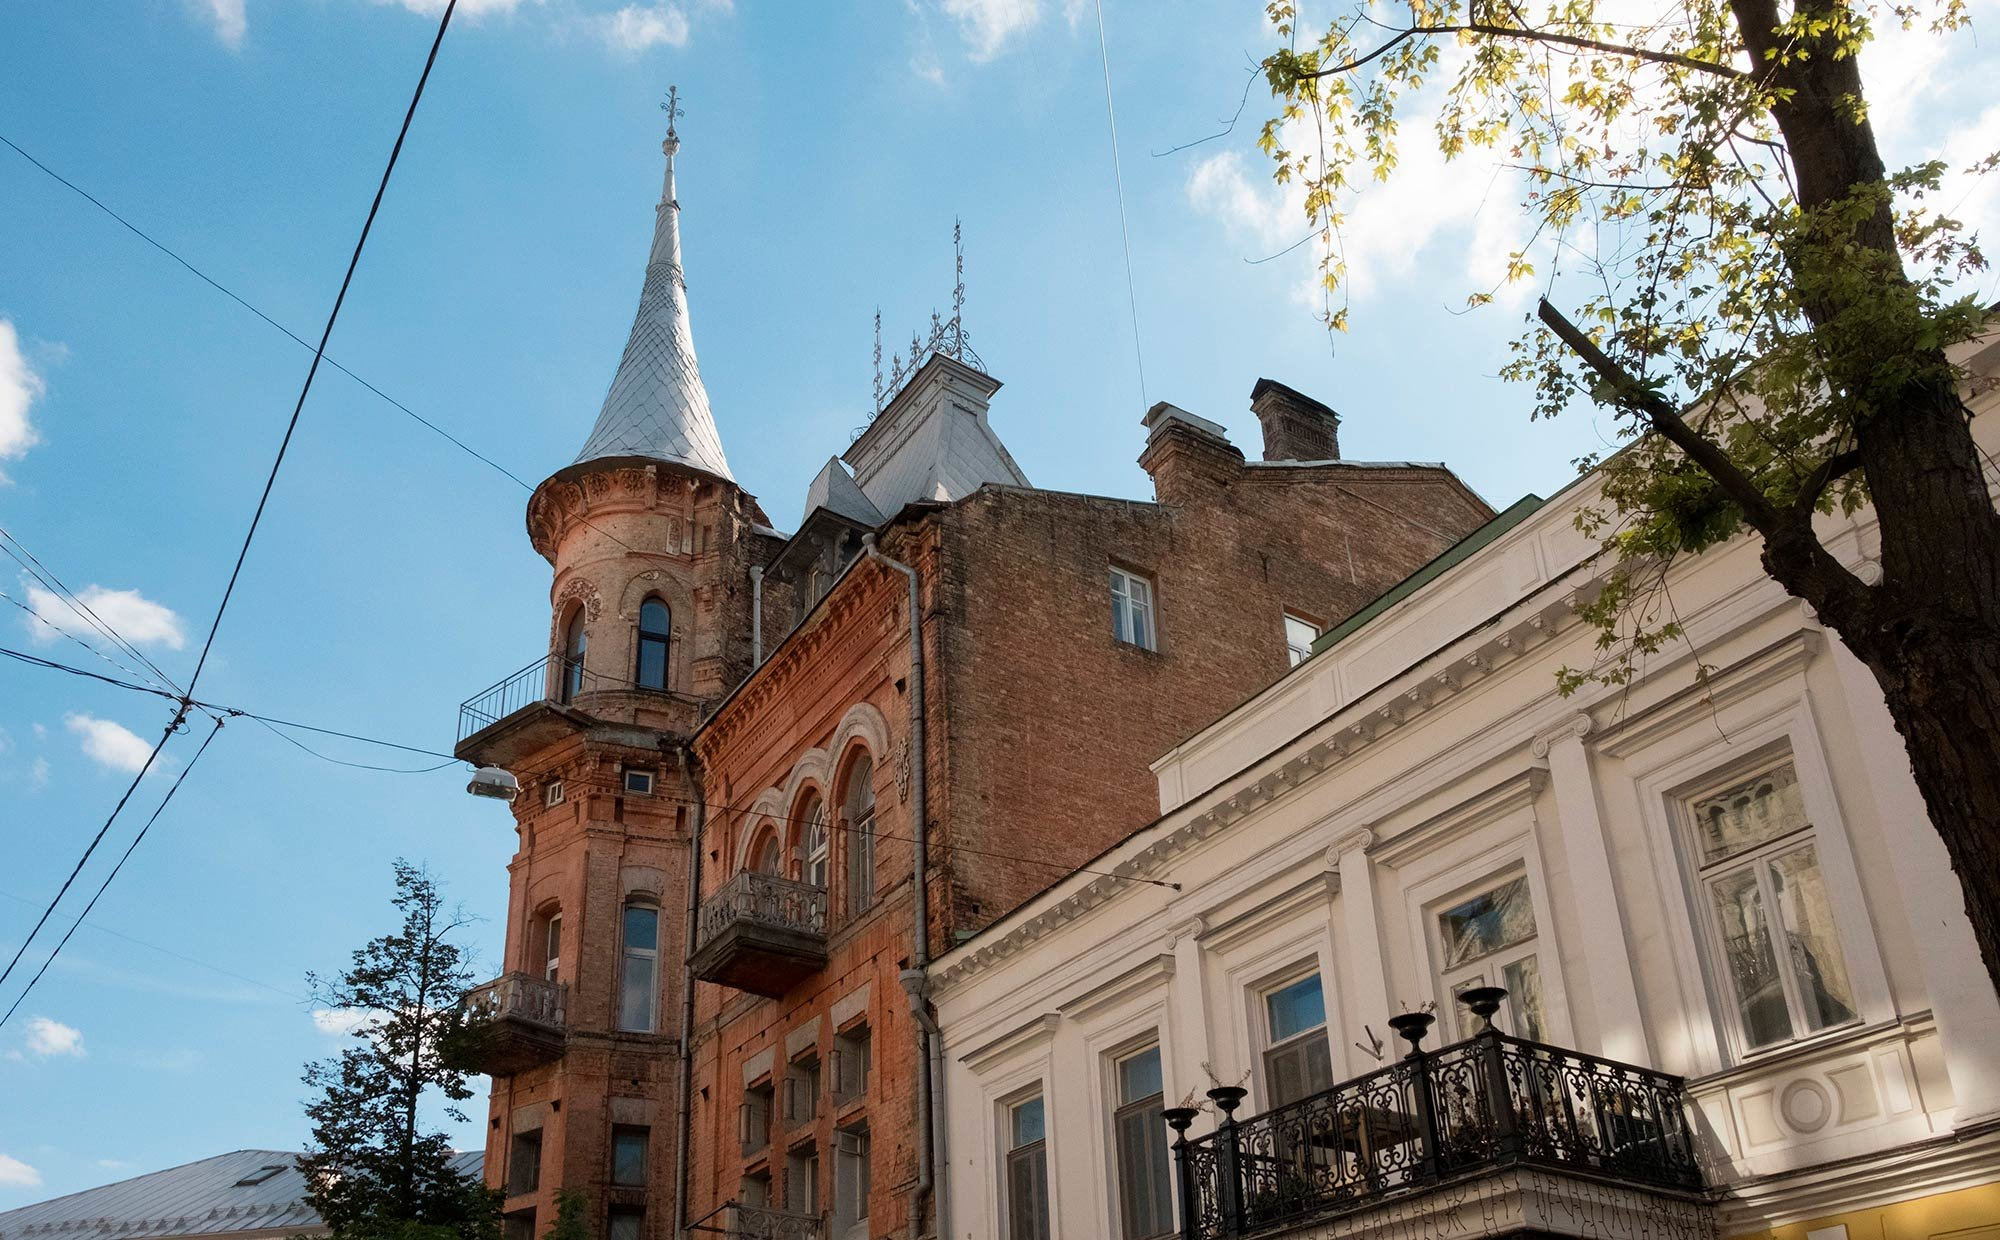 Брошенные и разрушенные: киевские архитектурные шедевры на грани руйнации